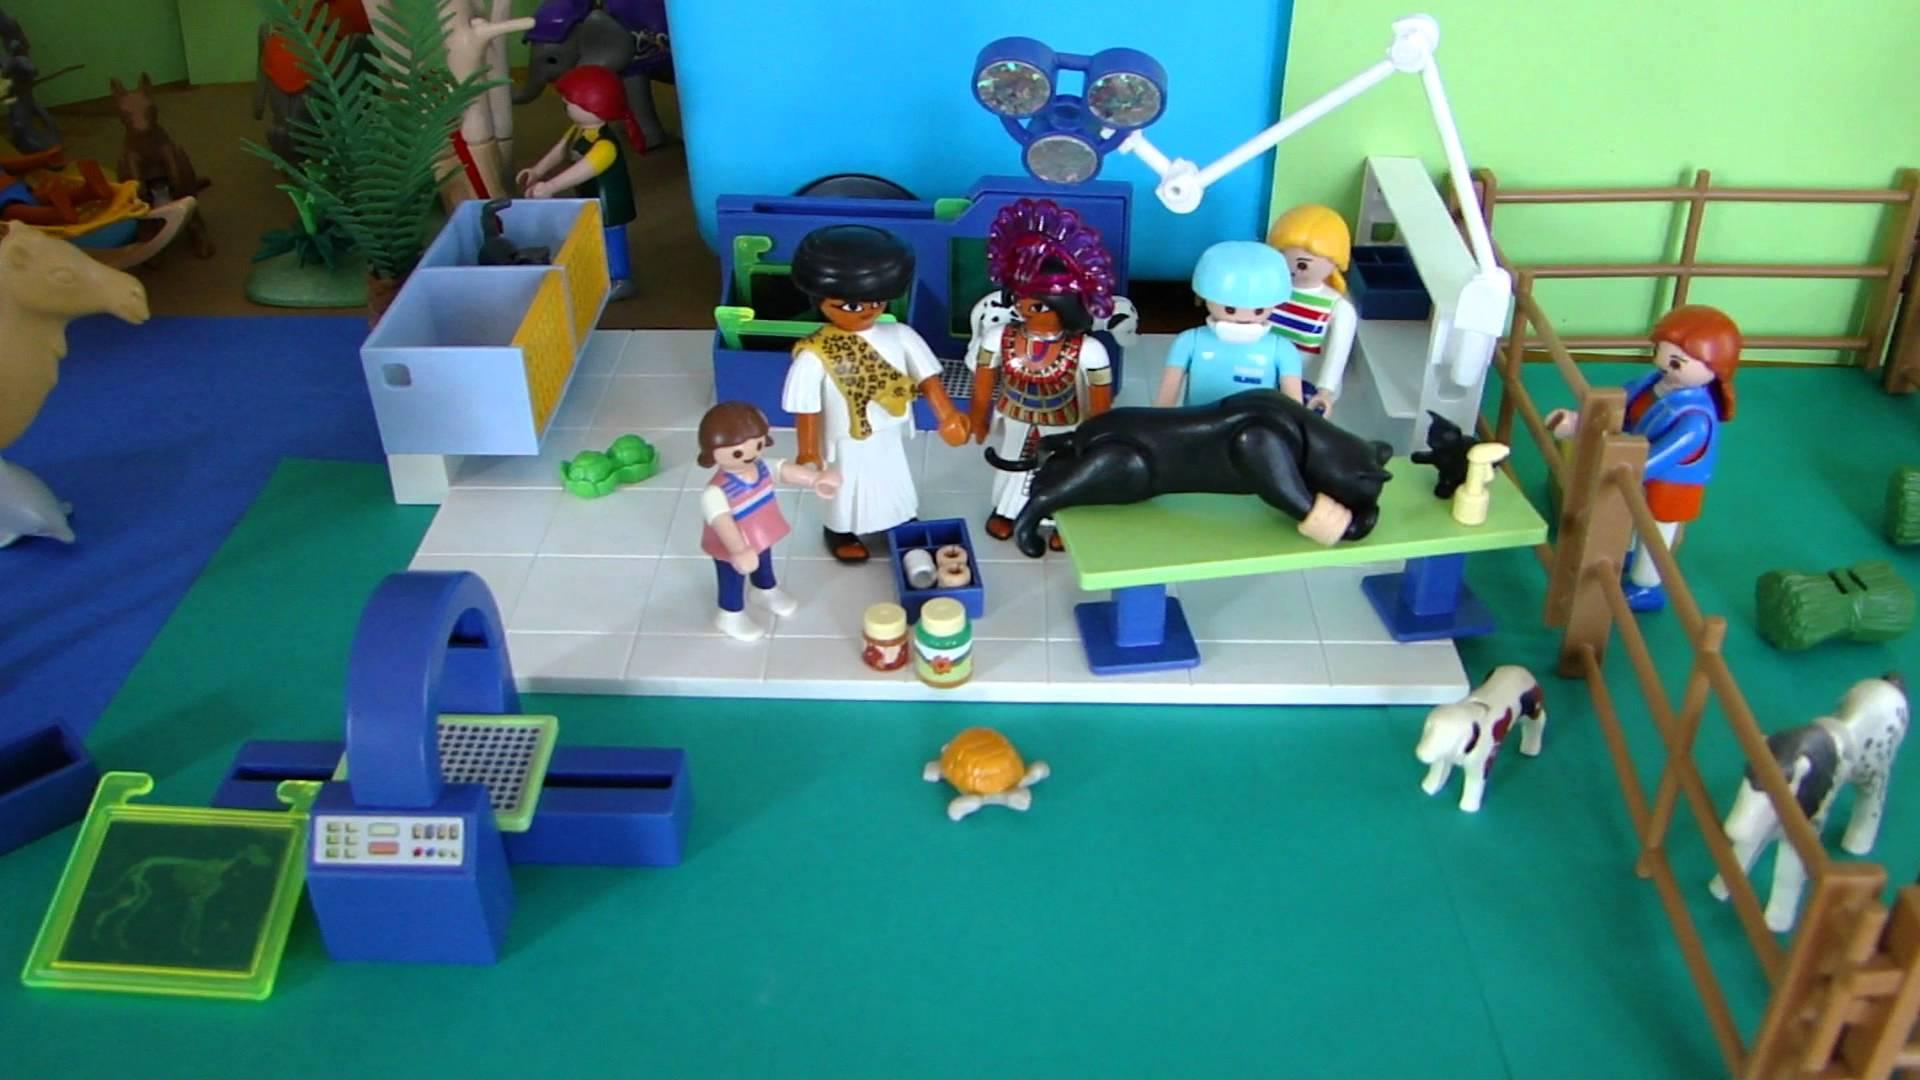 décor playmobil